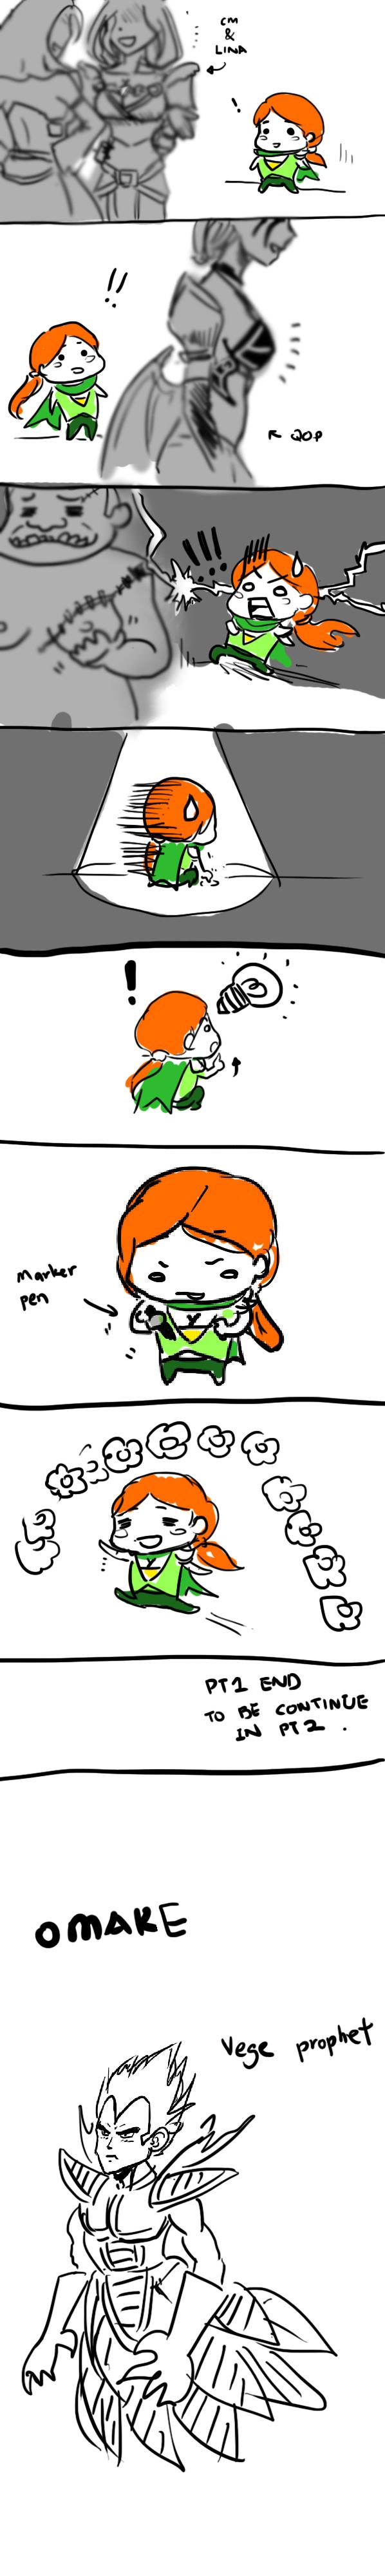 0429: WR comic strip PT1 by Agito666